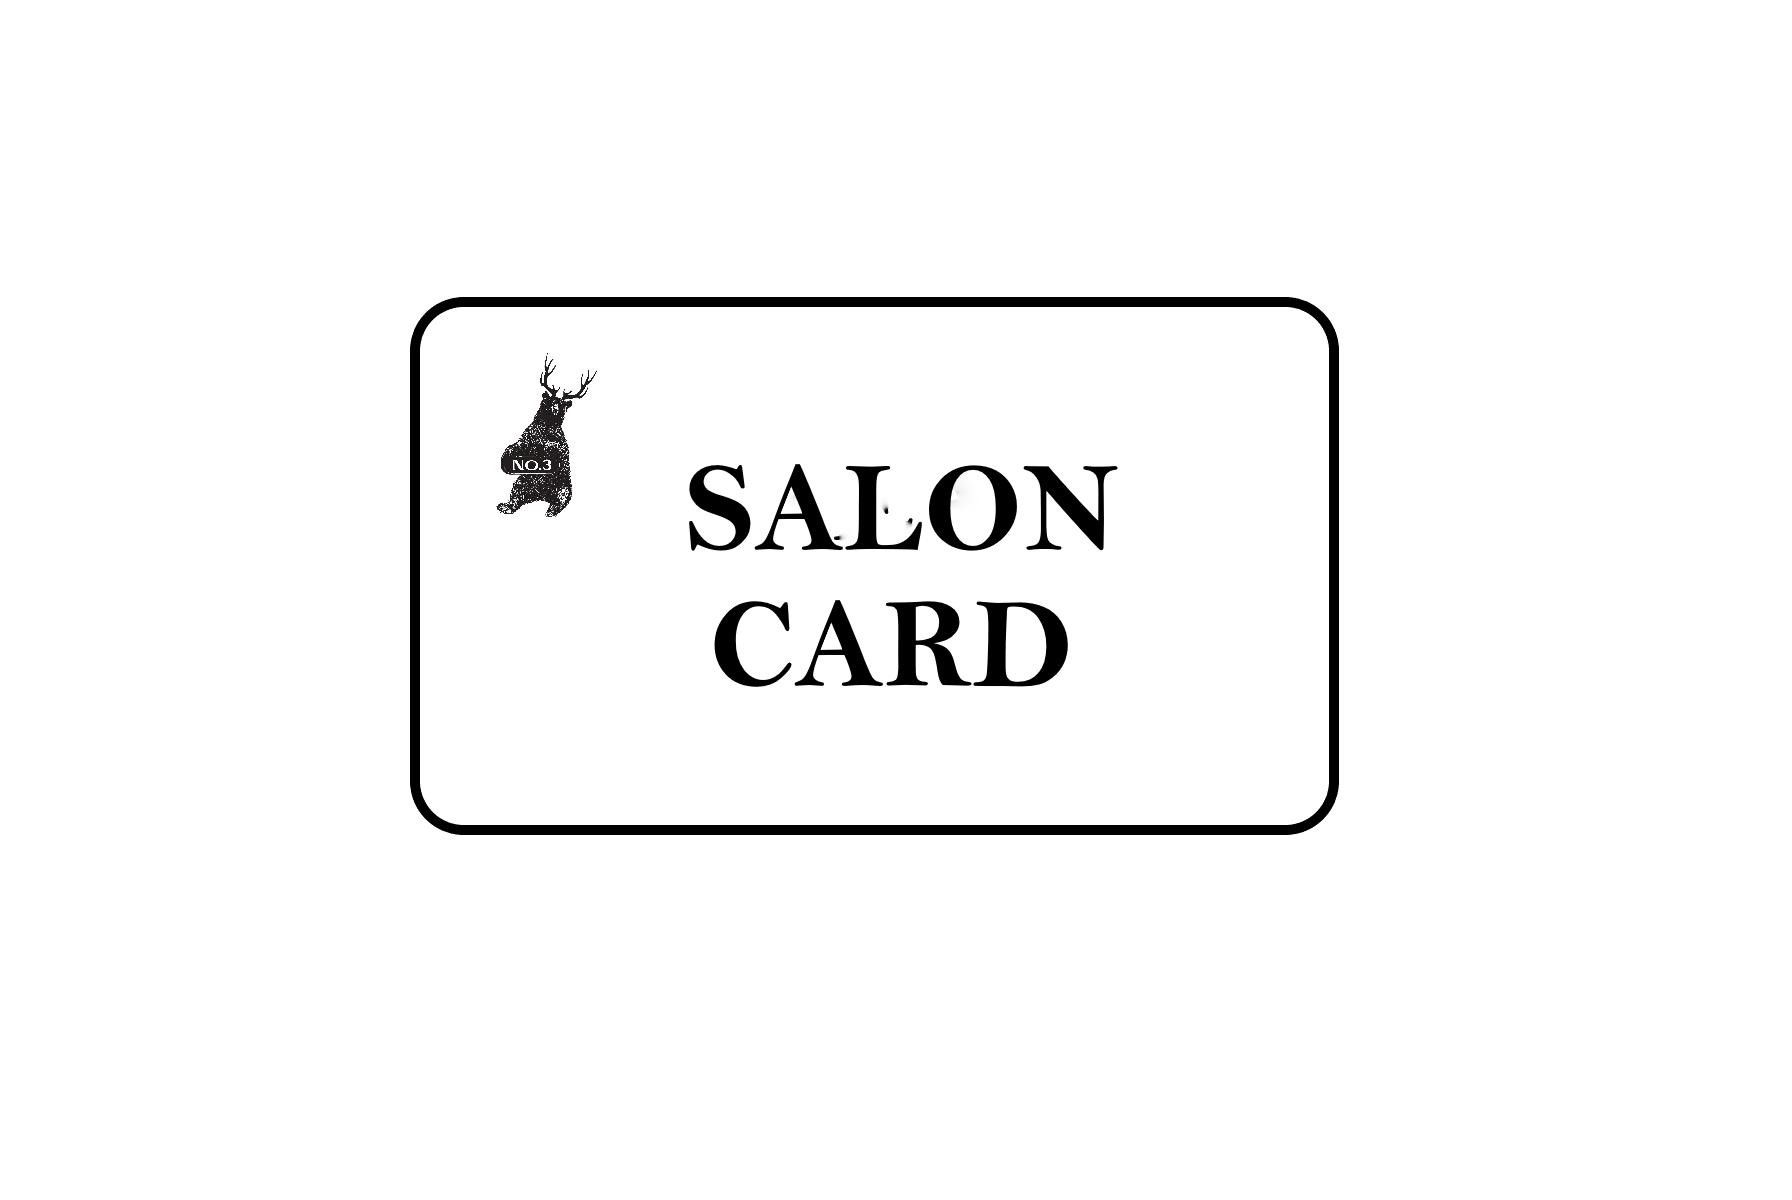 NO3 SALON CARD